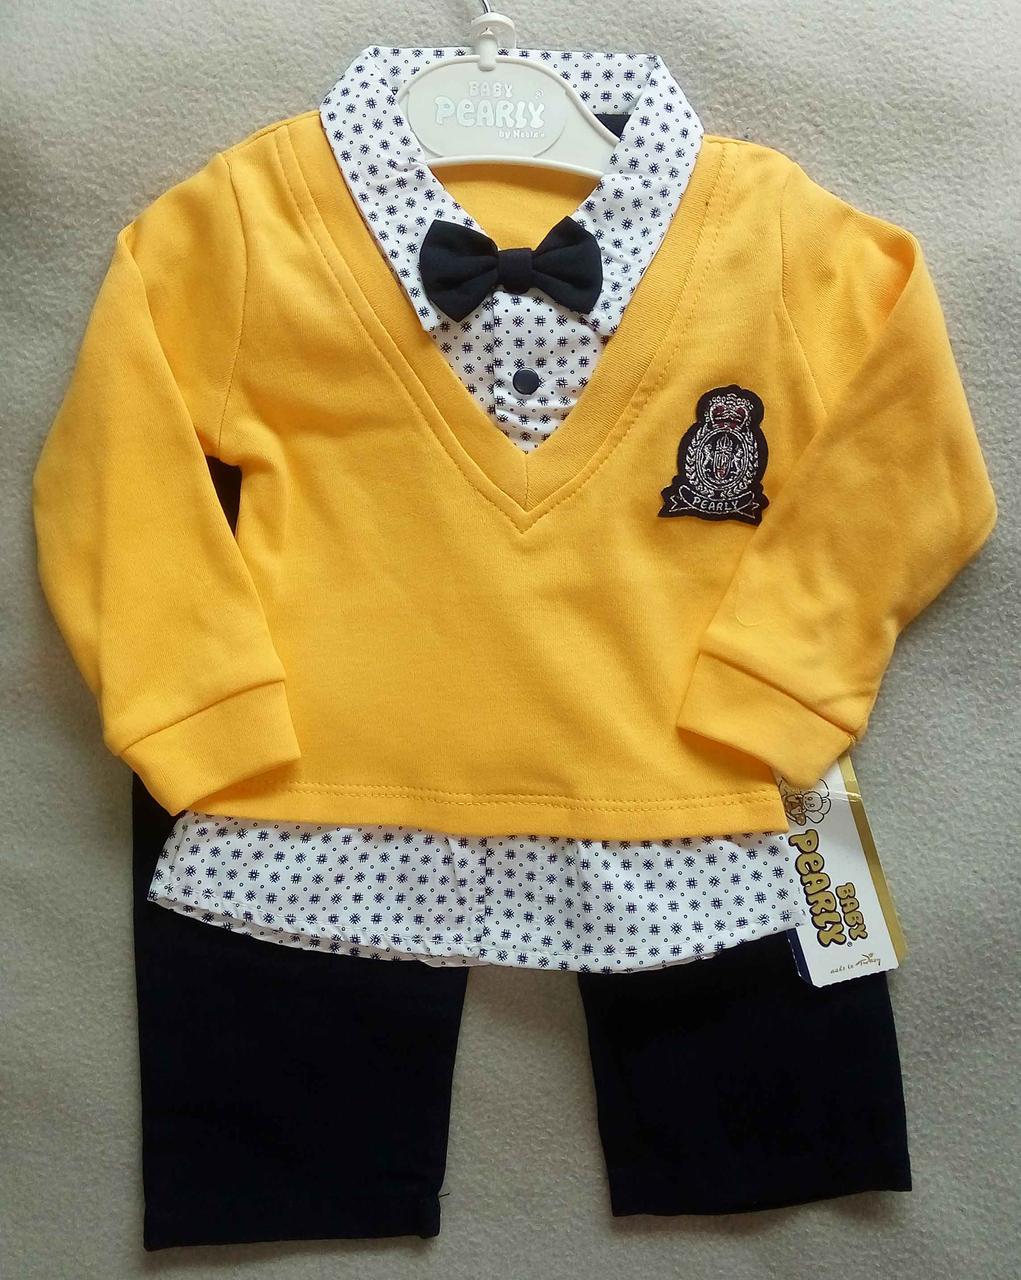 Нарядный костюм с бабочкой для новорожденных 6-12 мес, однотонный джемпер-обманка и штанишки, оптом